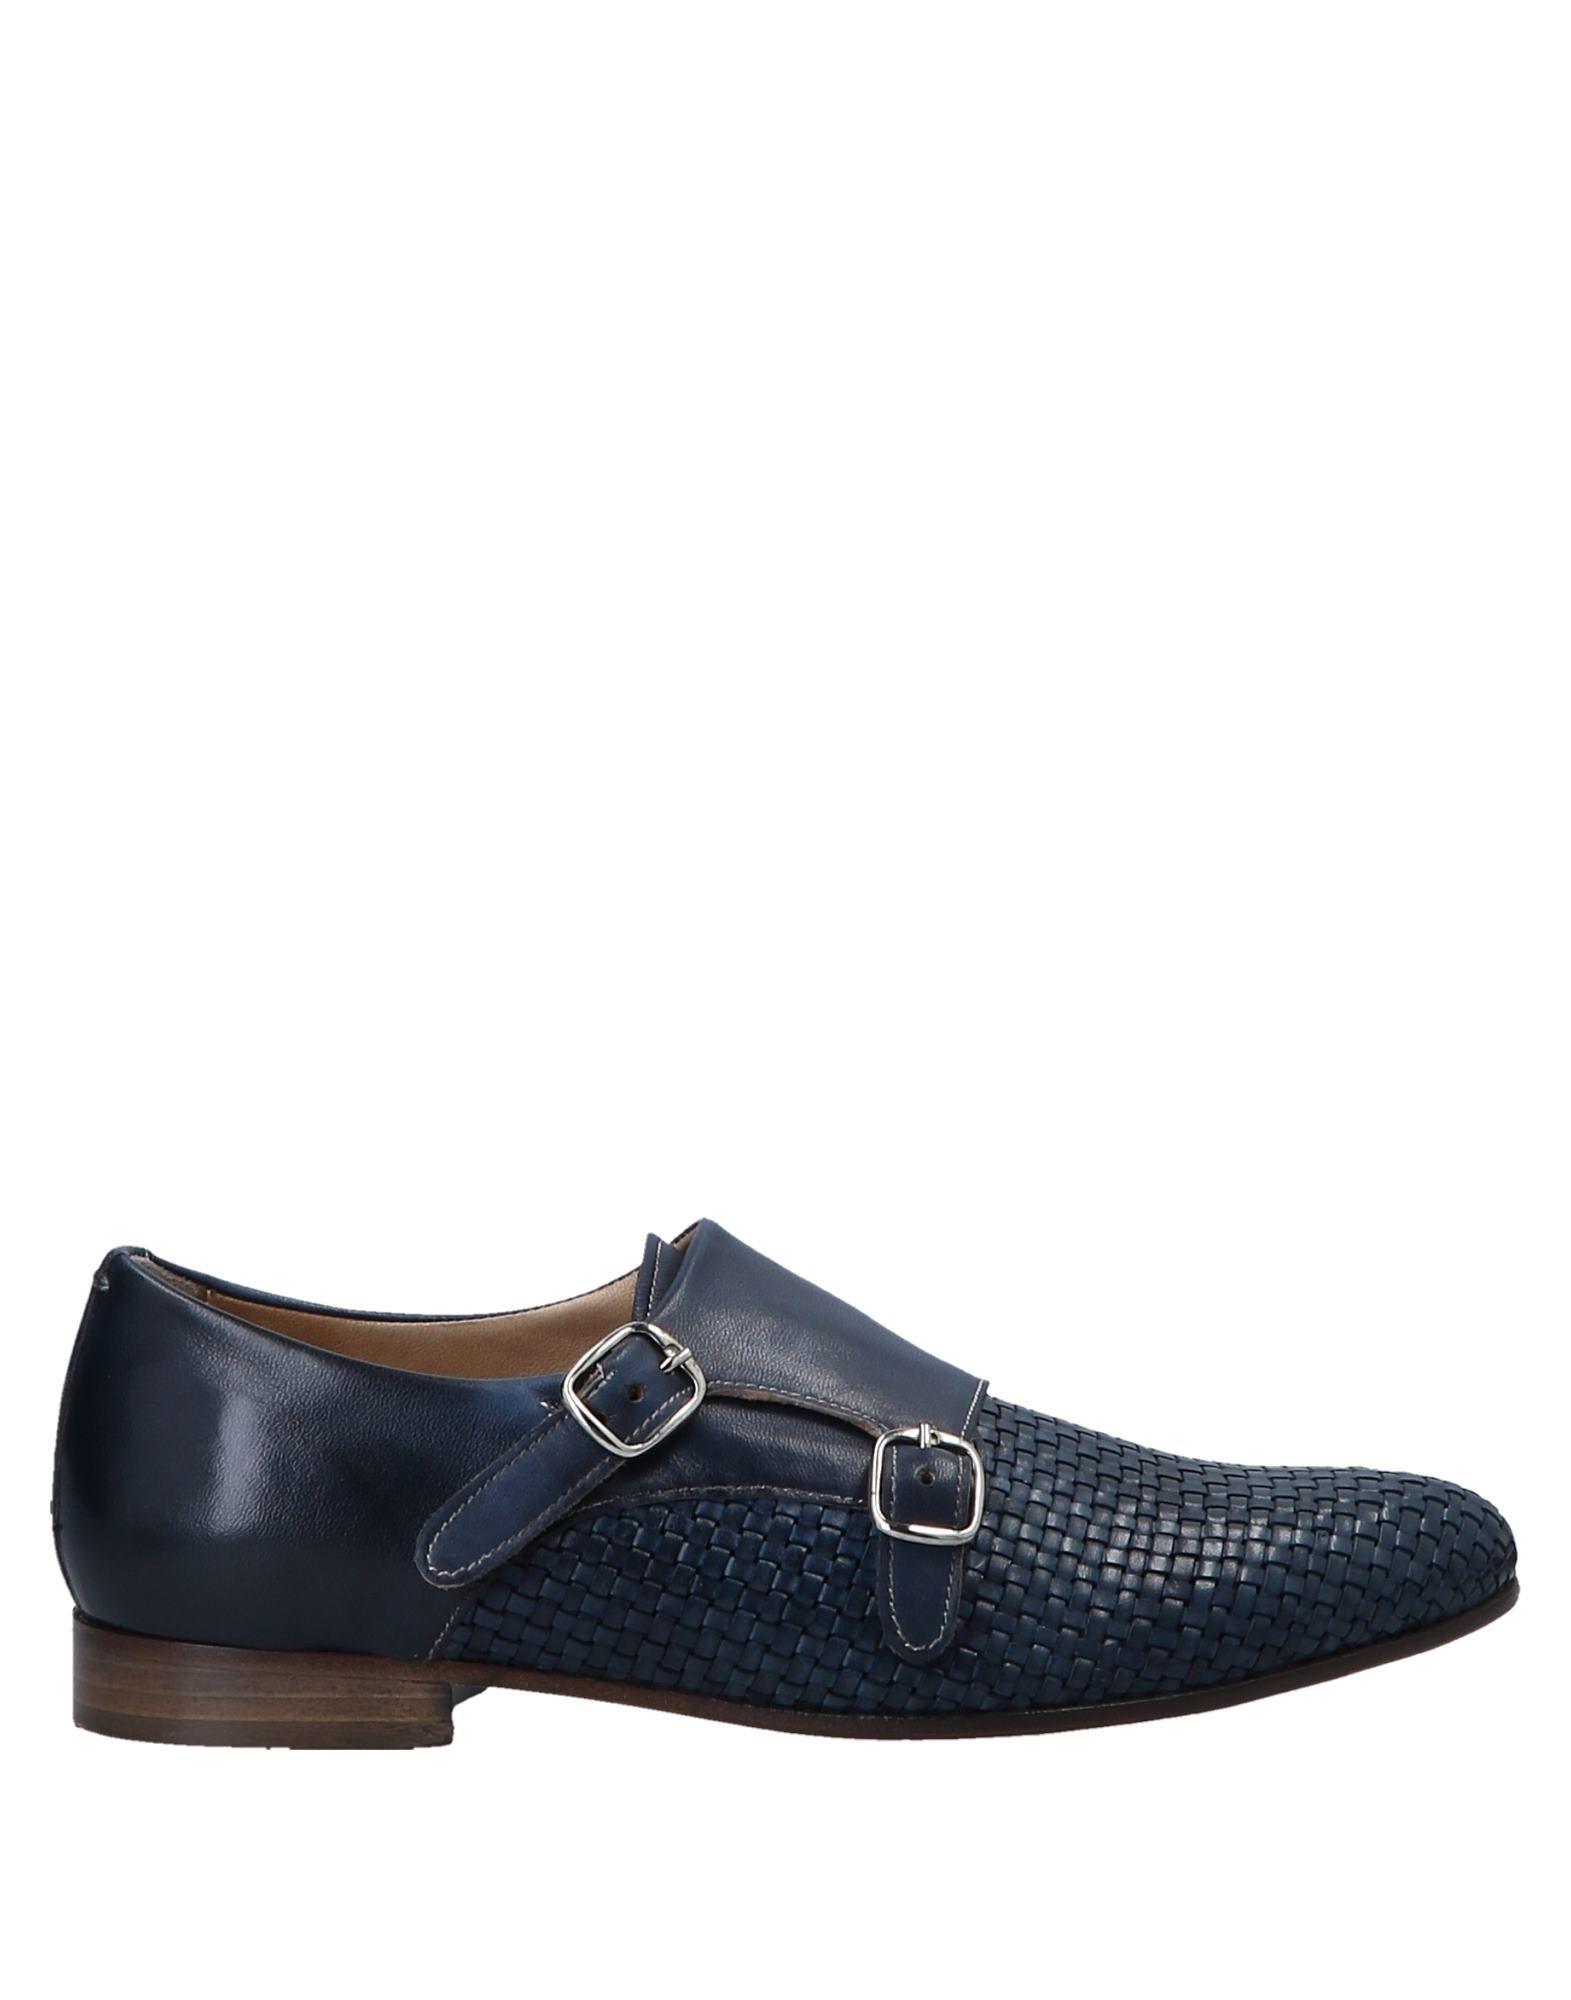 Calpierre Mokassins Damen  11551944SP Gute Qualität beliebte Schuhe